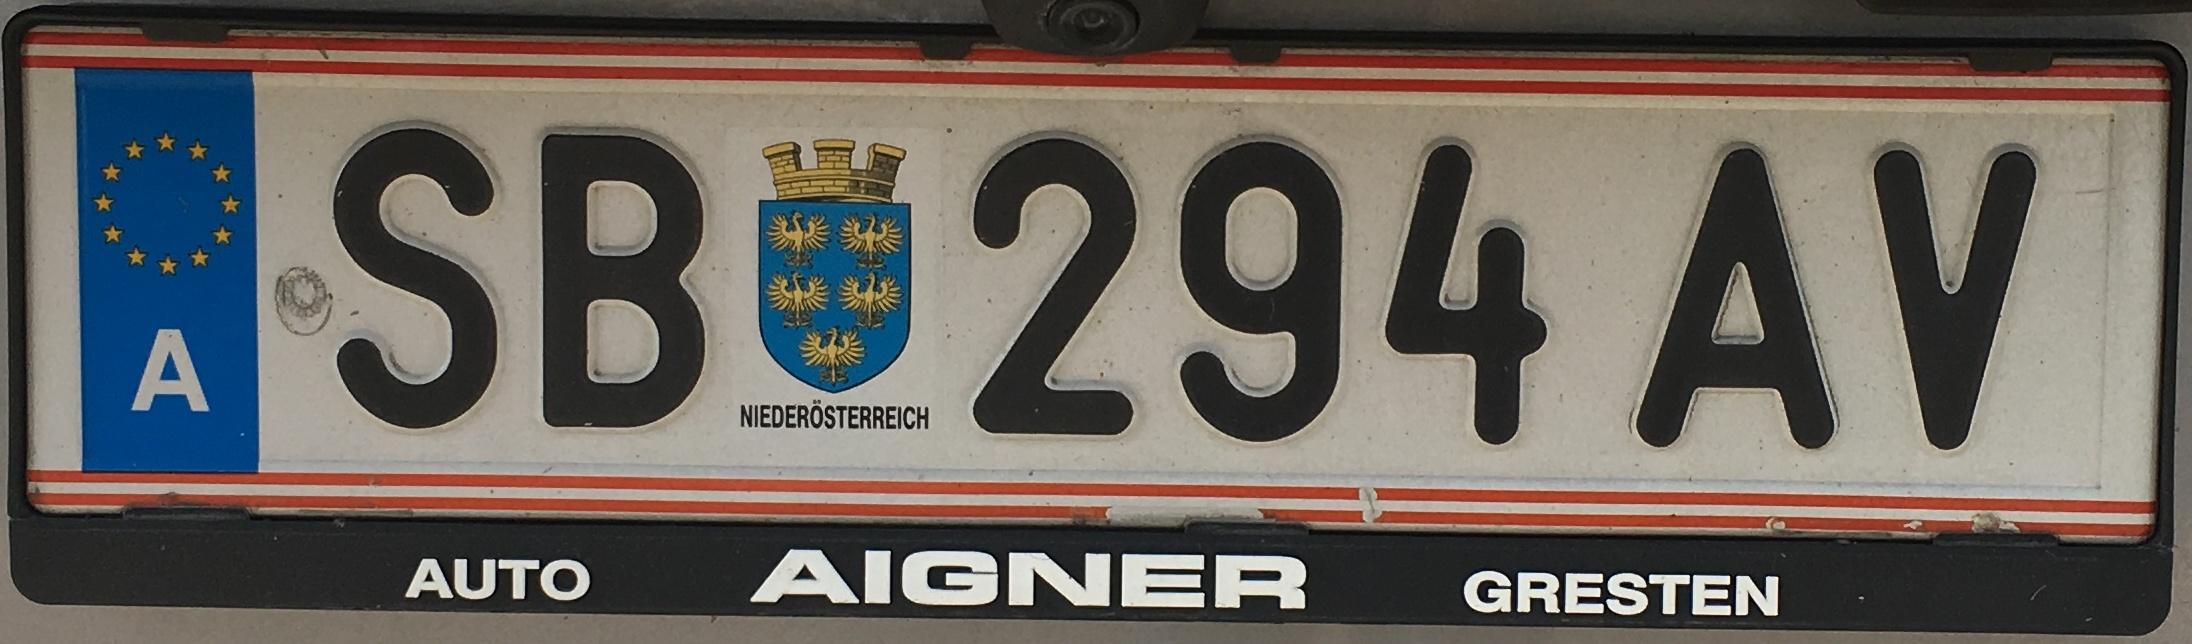 Registrační značka Rakousko - SB - Scheibbs, foto: Po dálnici.cz